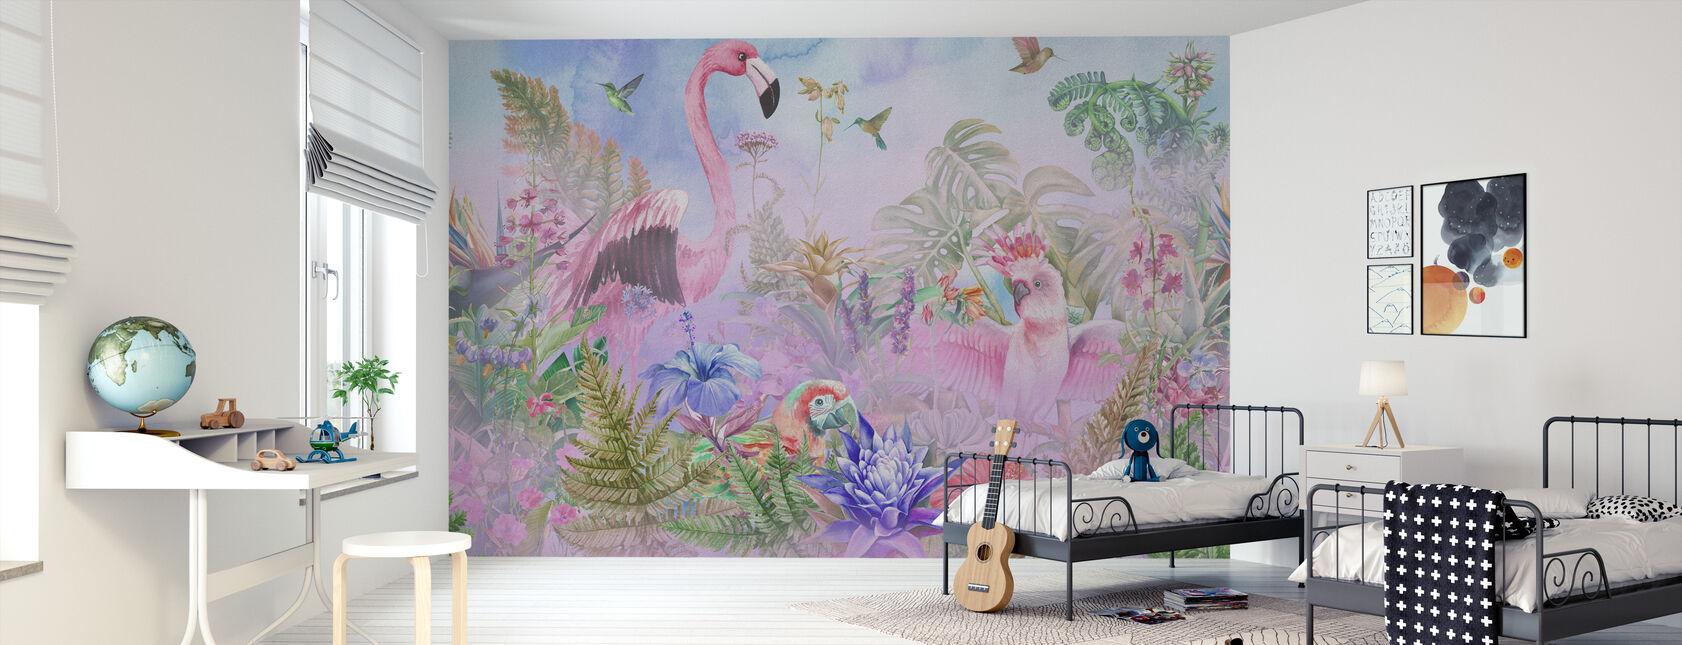 Gigantyczny Flamingo - Tapeta - Pokój dziecięcy